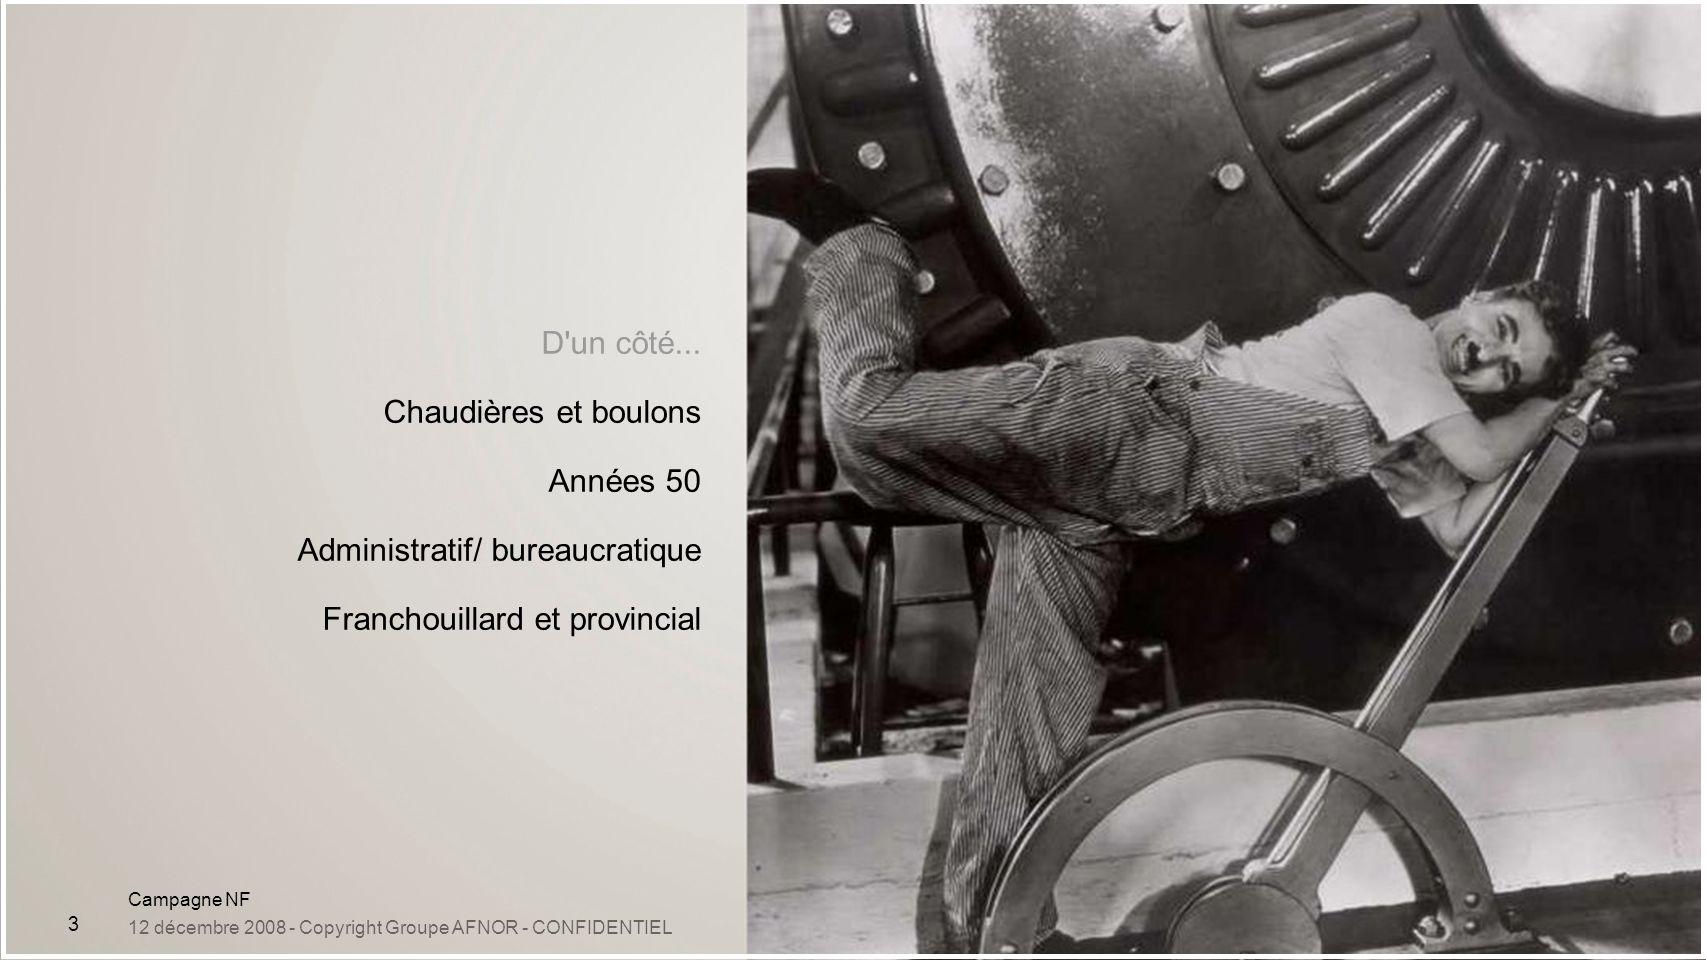 Administratif/ bureaucratique Franchouillard et provincial